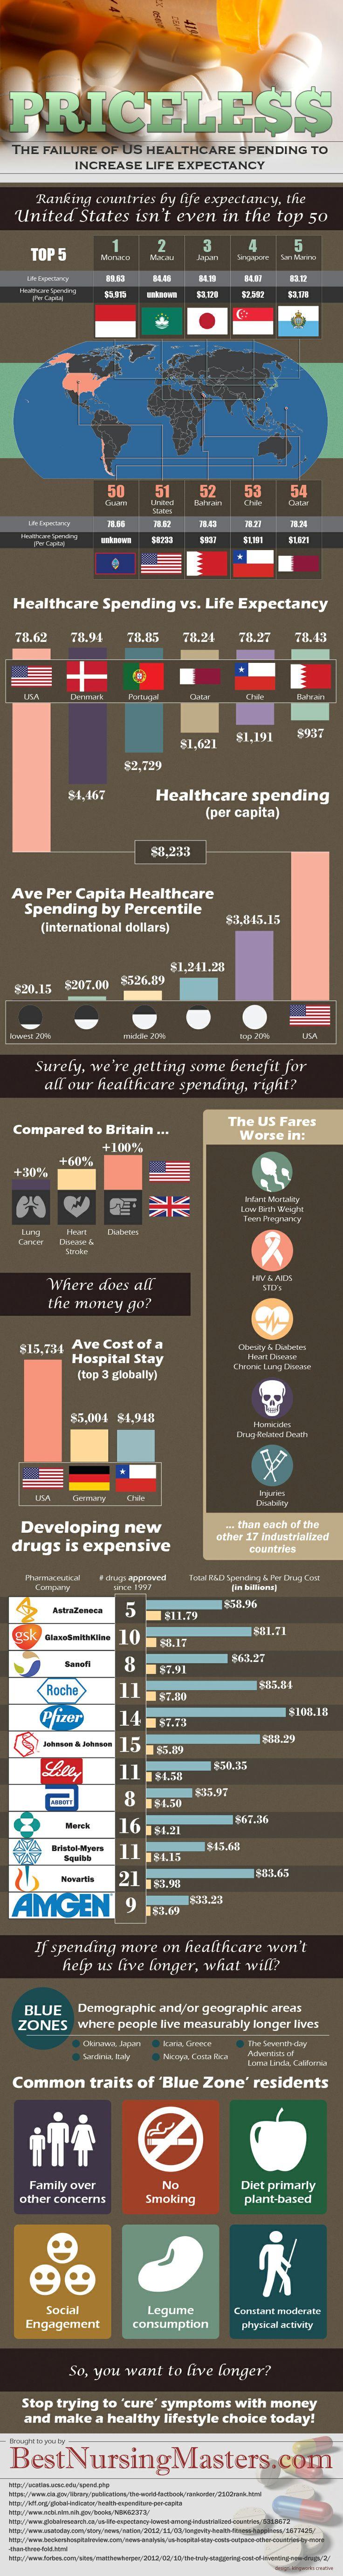 Pricele$$ Infographic